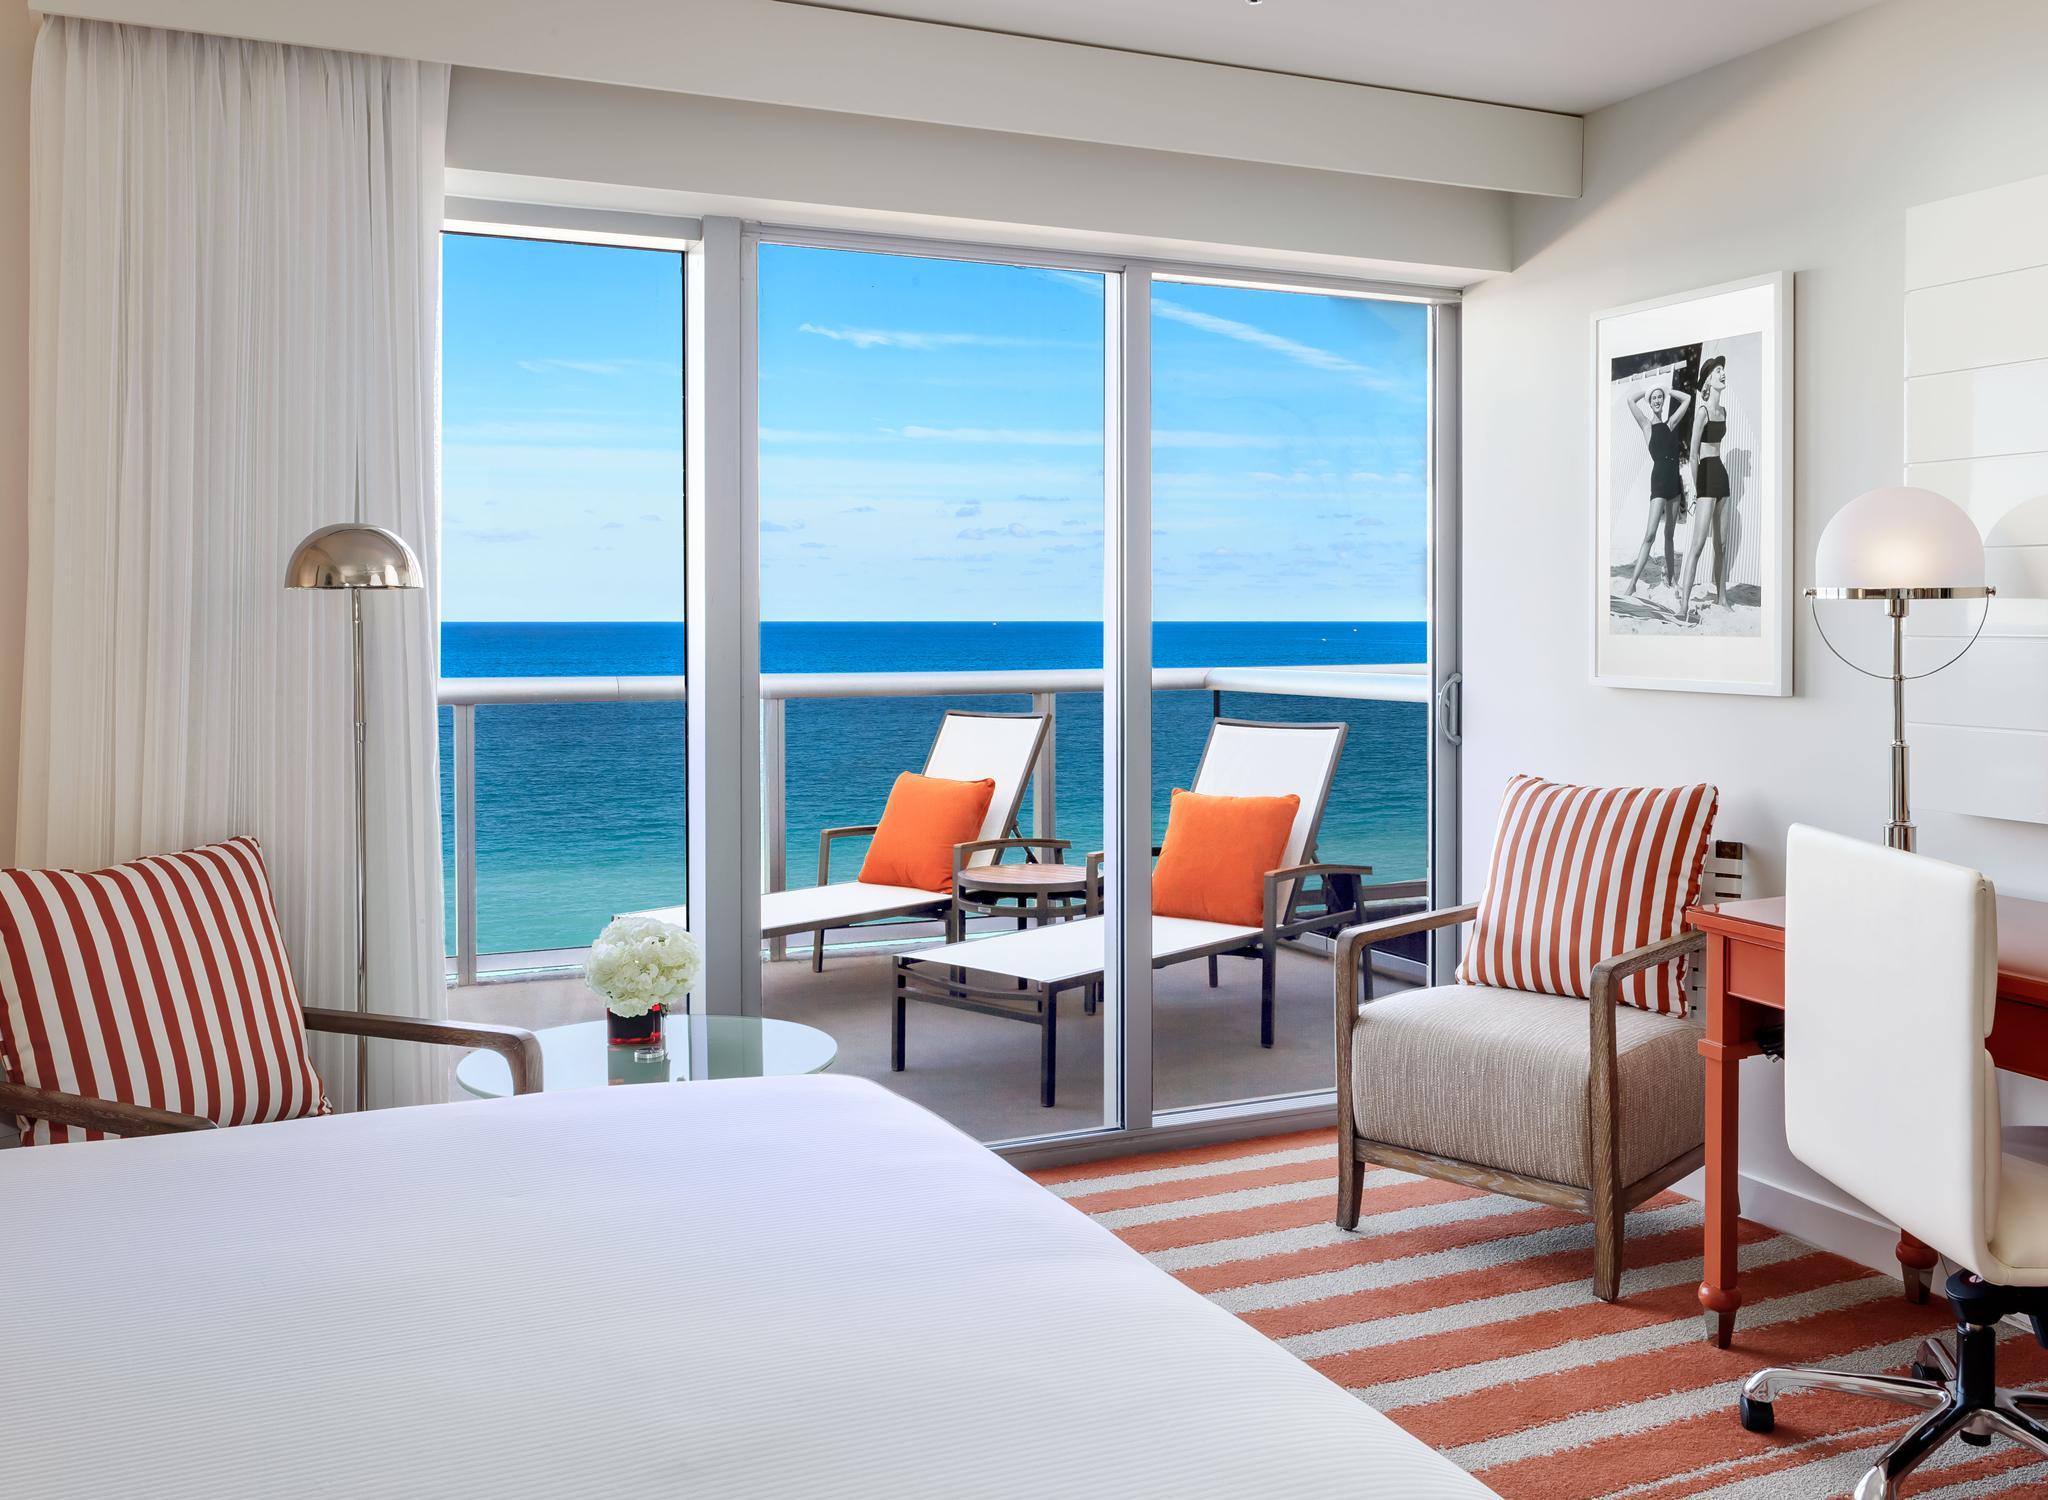 Hilton Hotel Miami Beach Collins Avenue